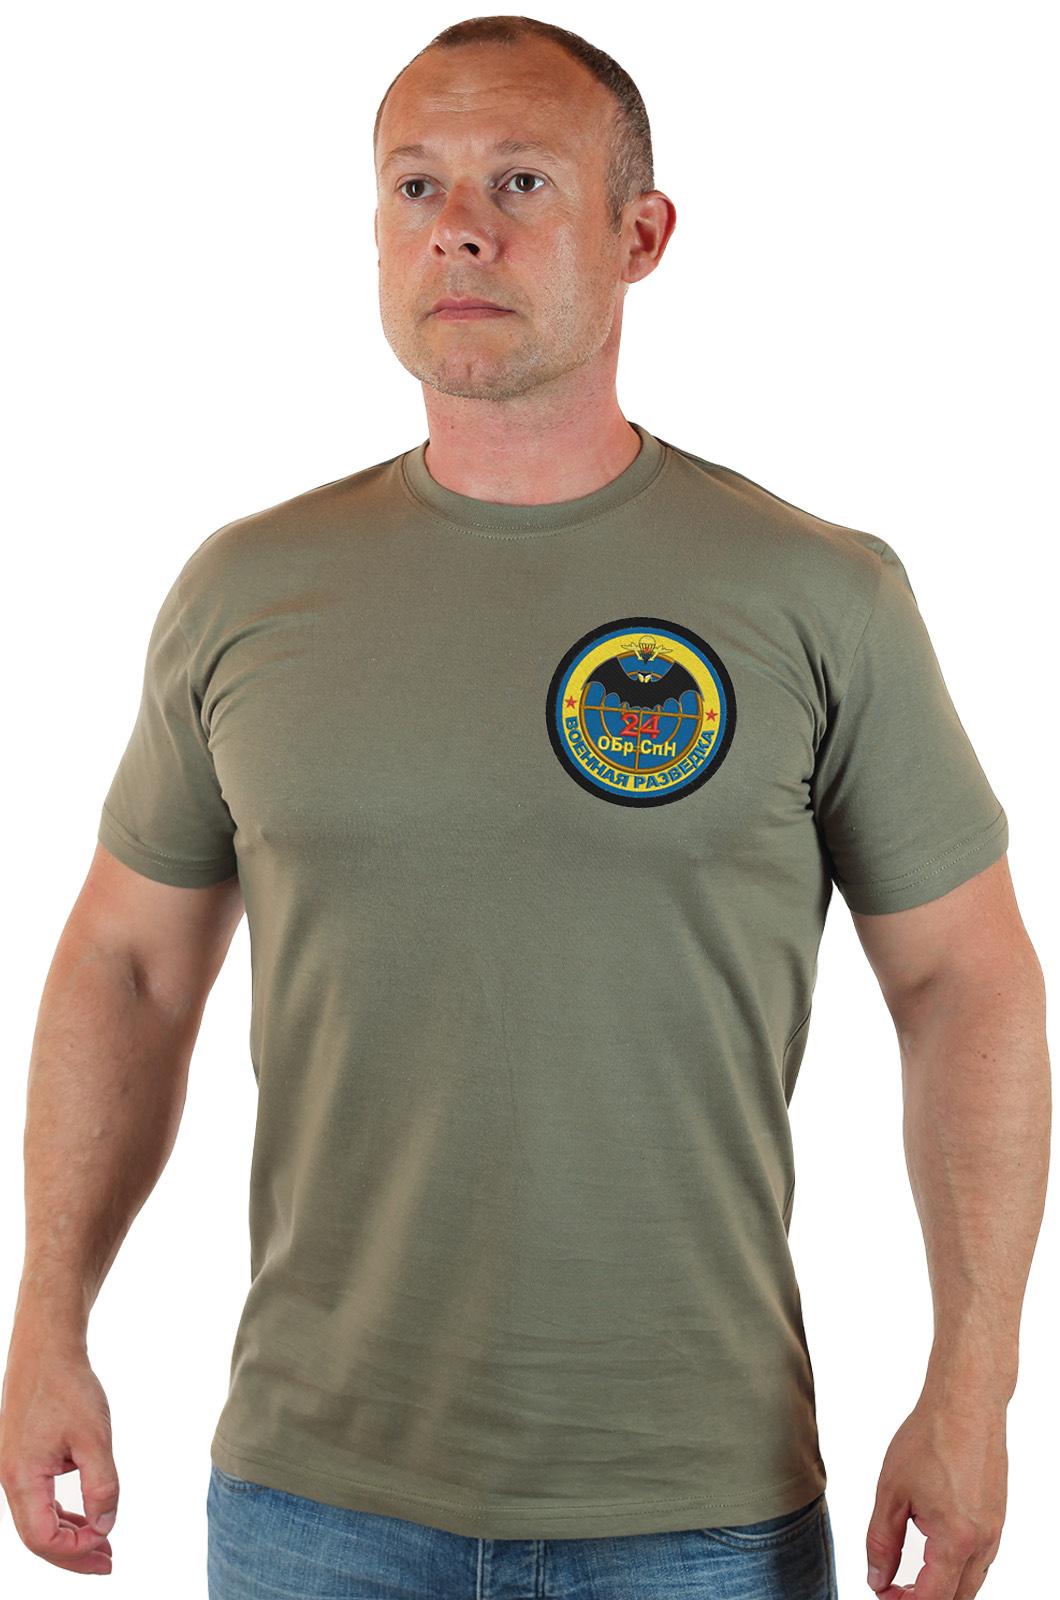 Купить мужскую футболку с эмблемой 24 ОБрСпН ГРУ